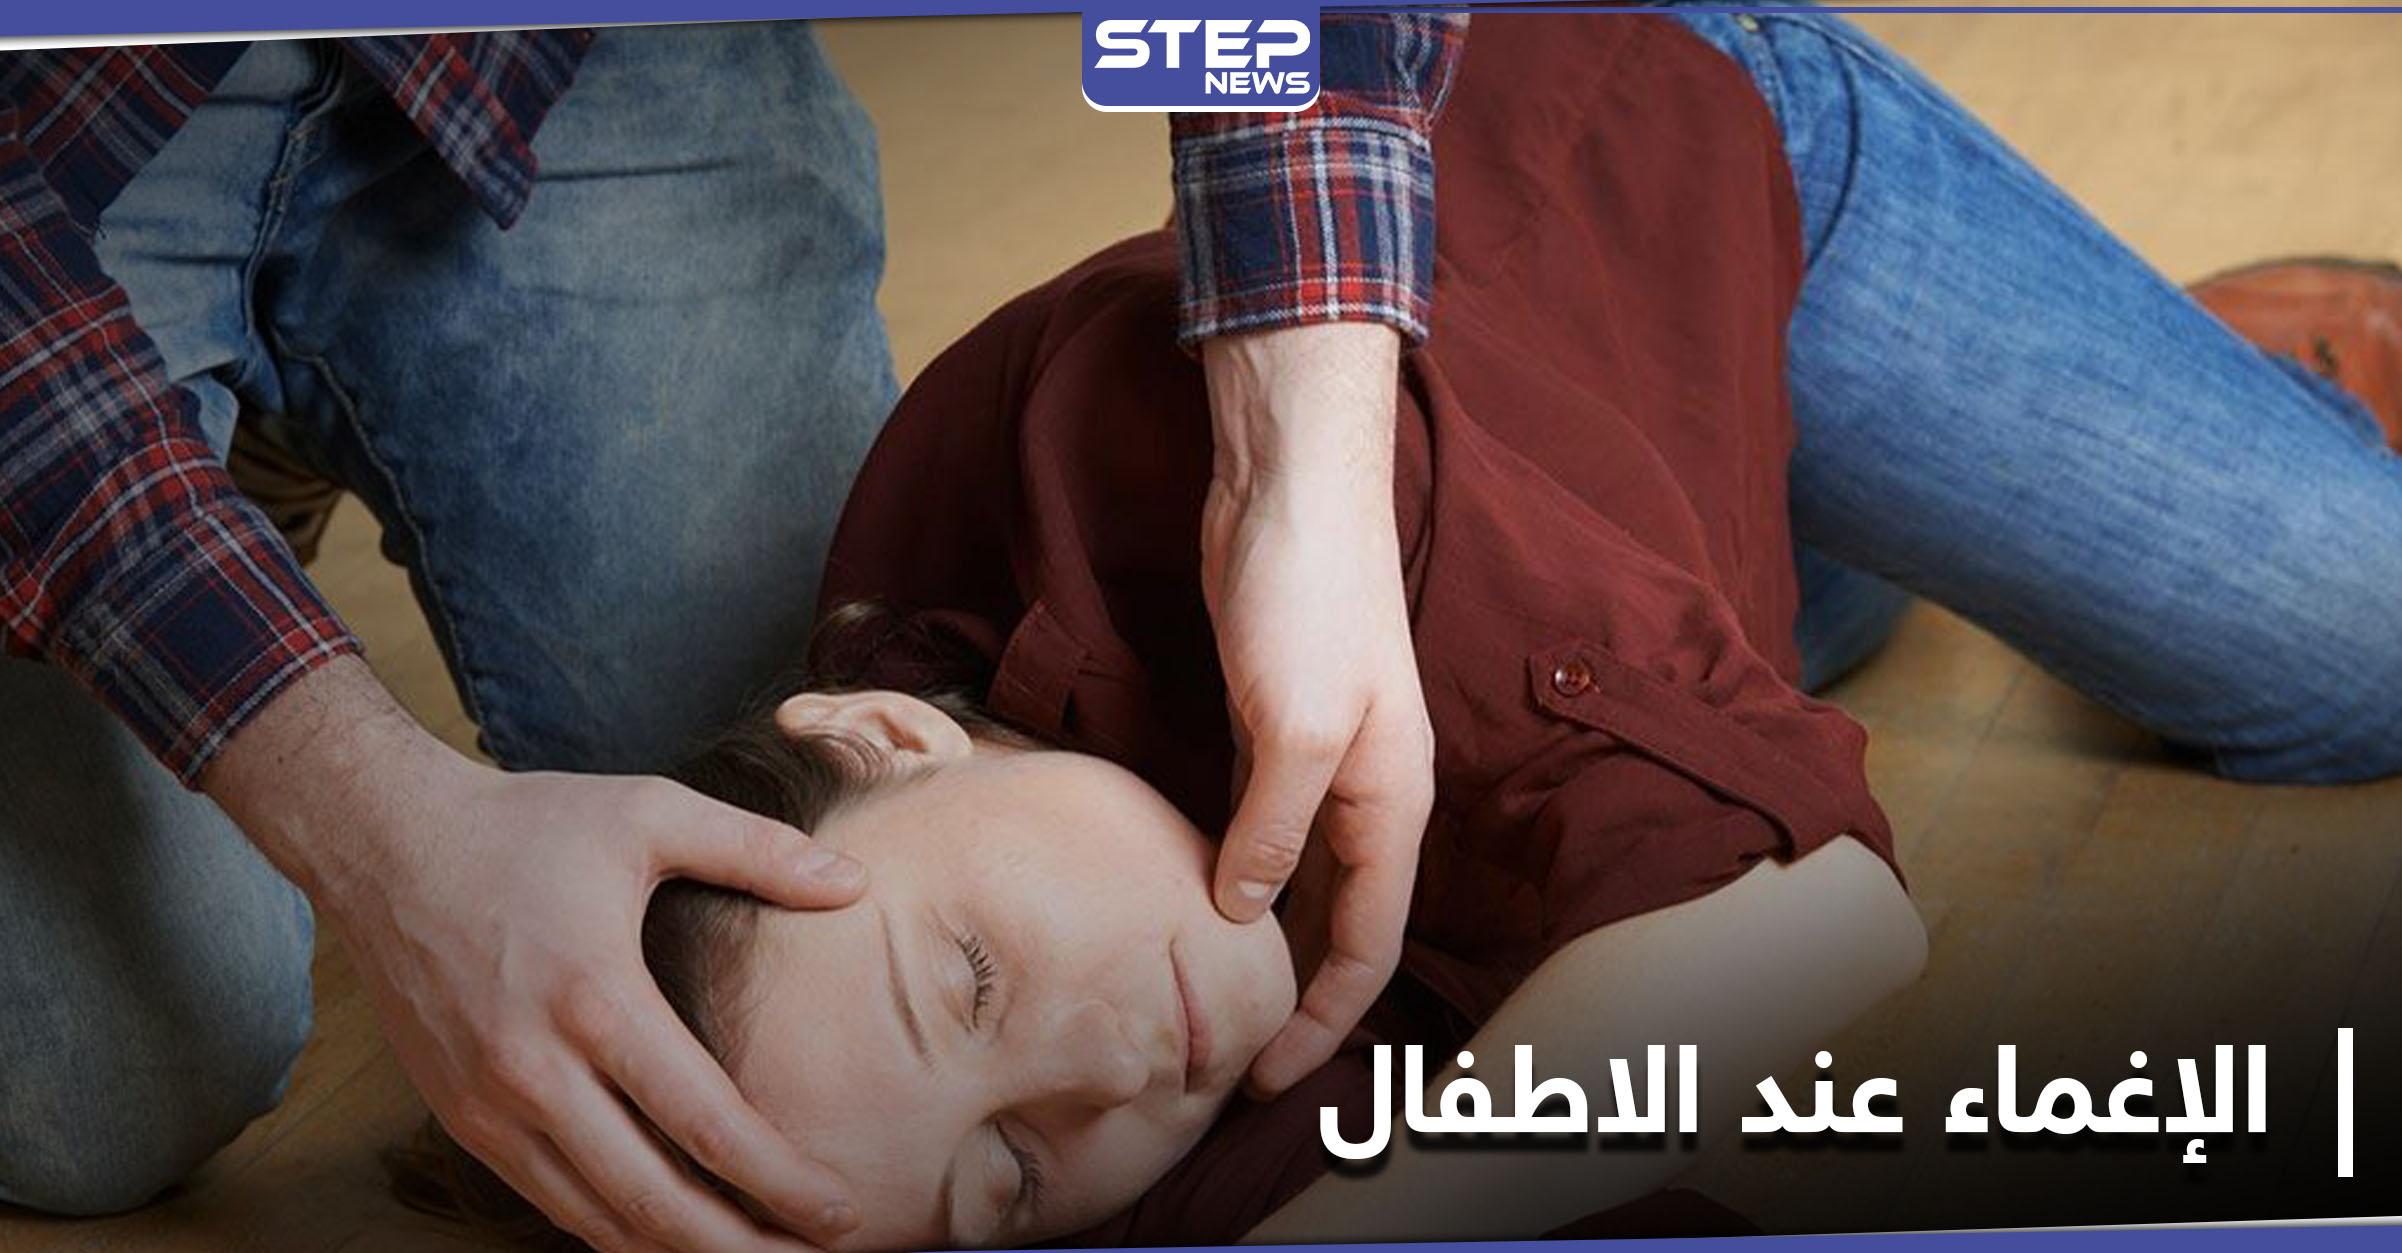 مسببات الإغماء عند الأطفال